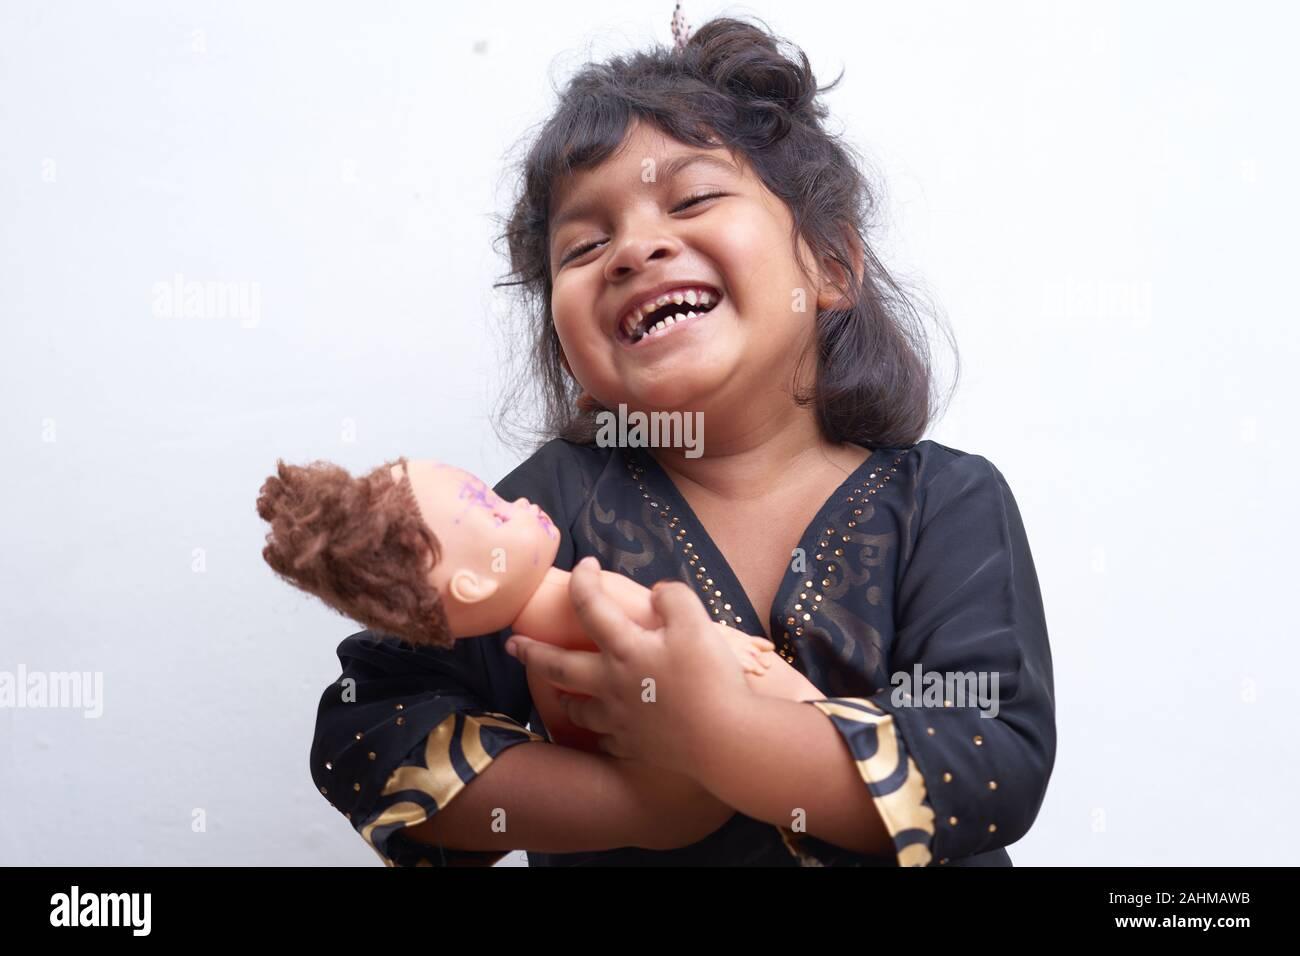 Petite fille asiatique comme une maman jouant avec une poupée sur fond blanc Banque D'Images